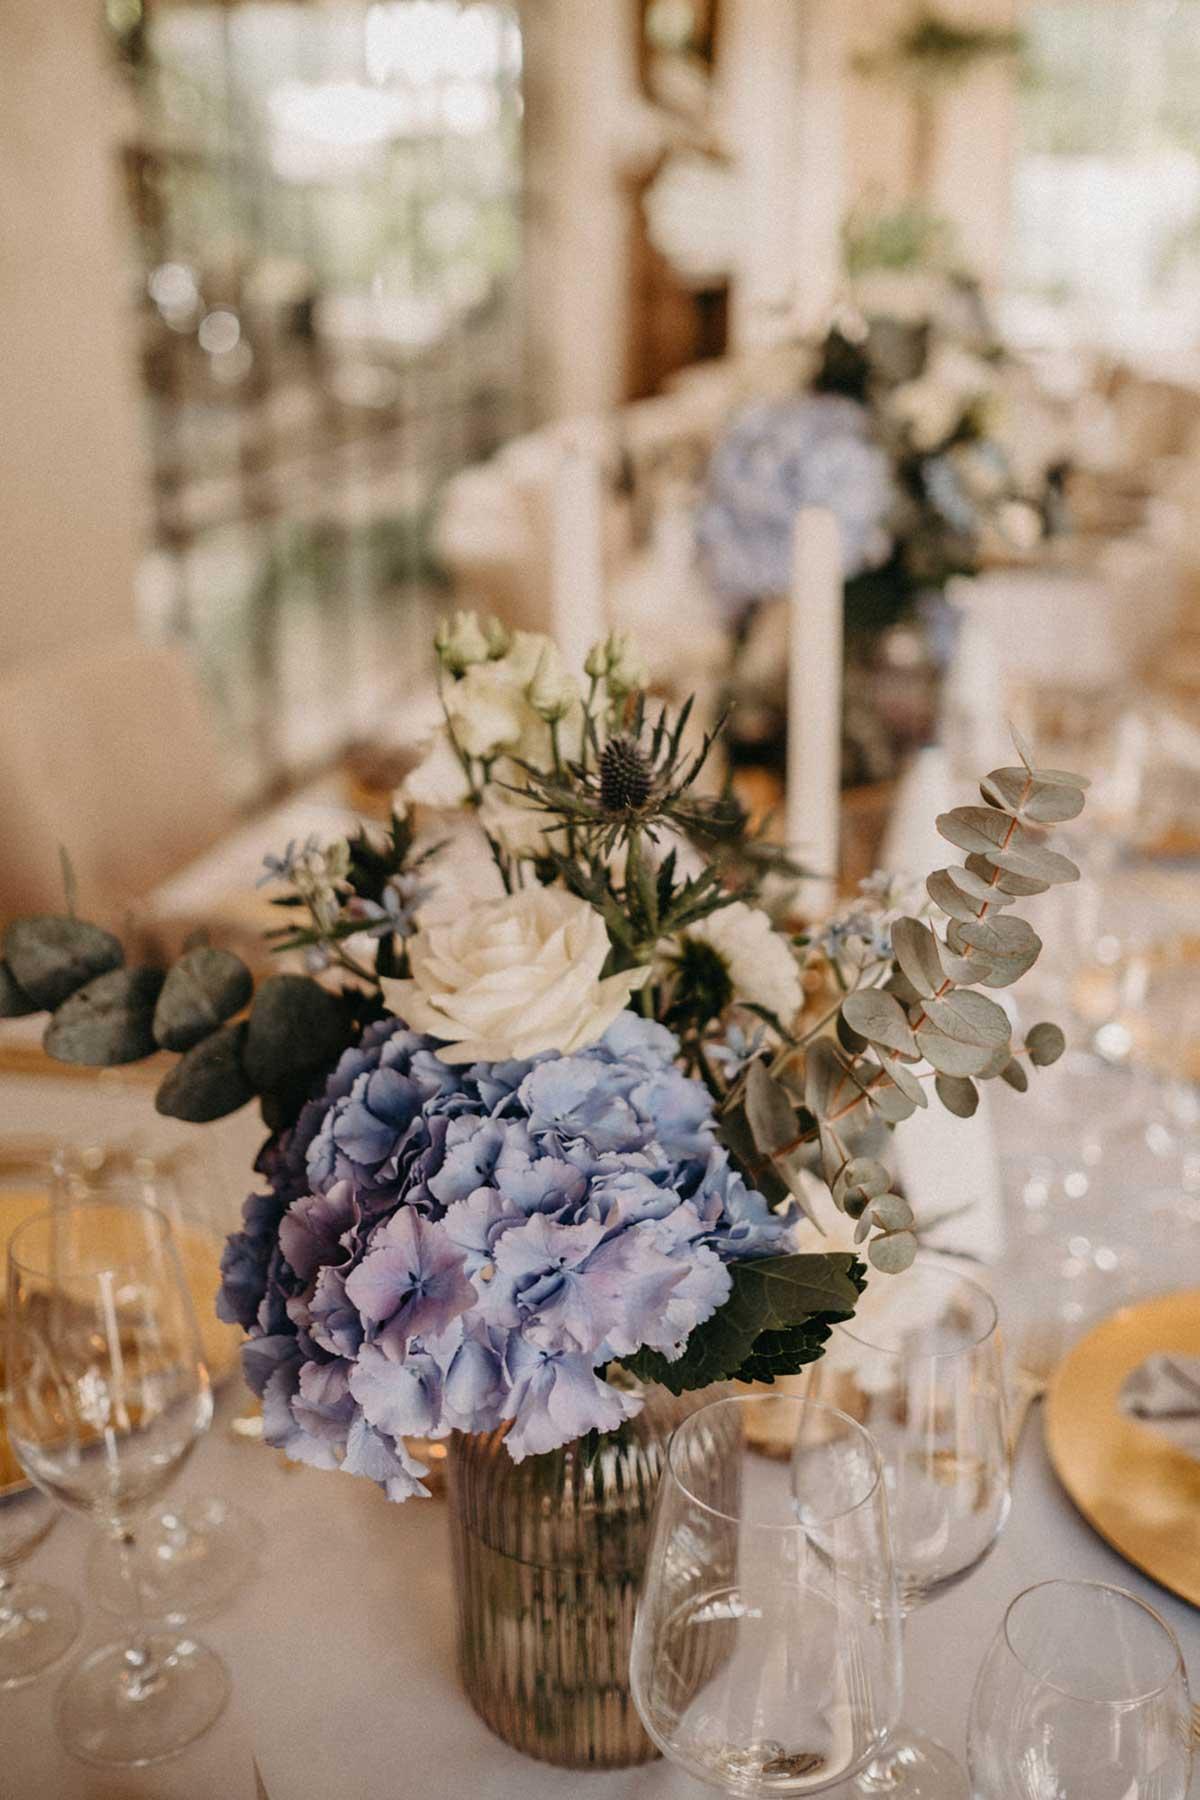 Tischdeko mit Blumen in Braut hält Brautstrauß mit Blumen in Weiß und Pastell Blau